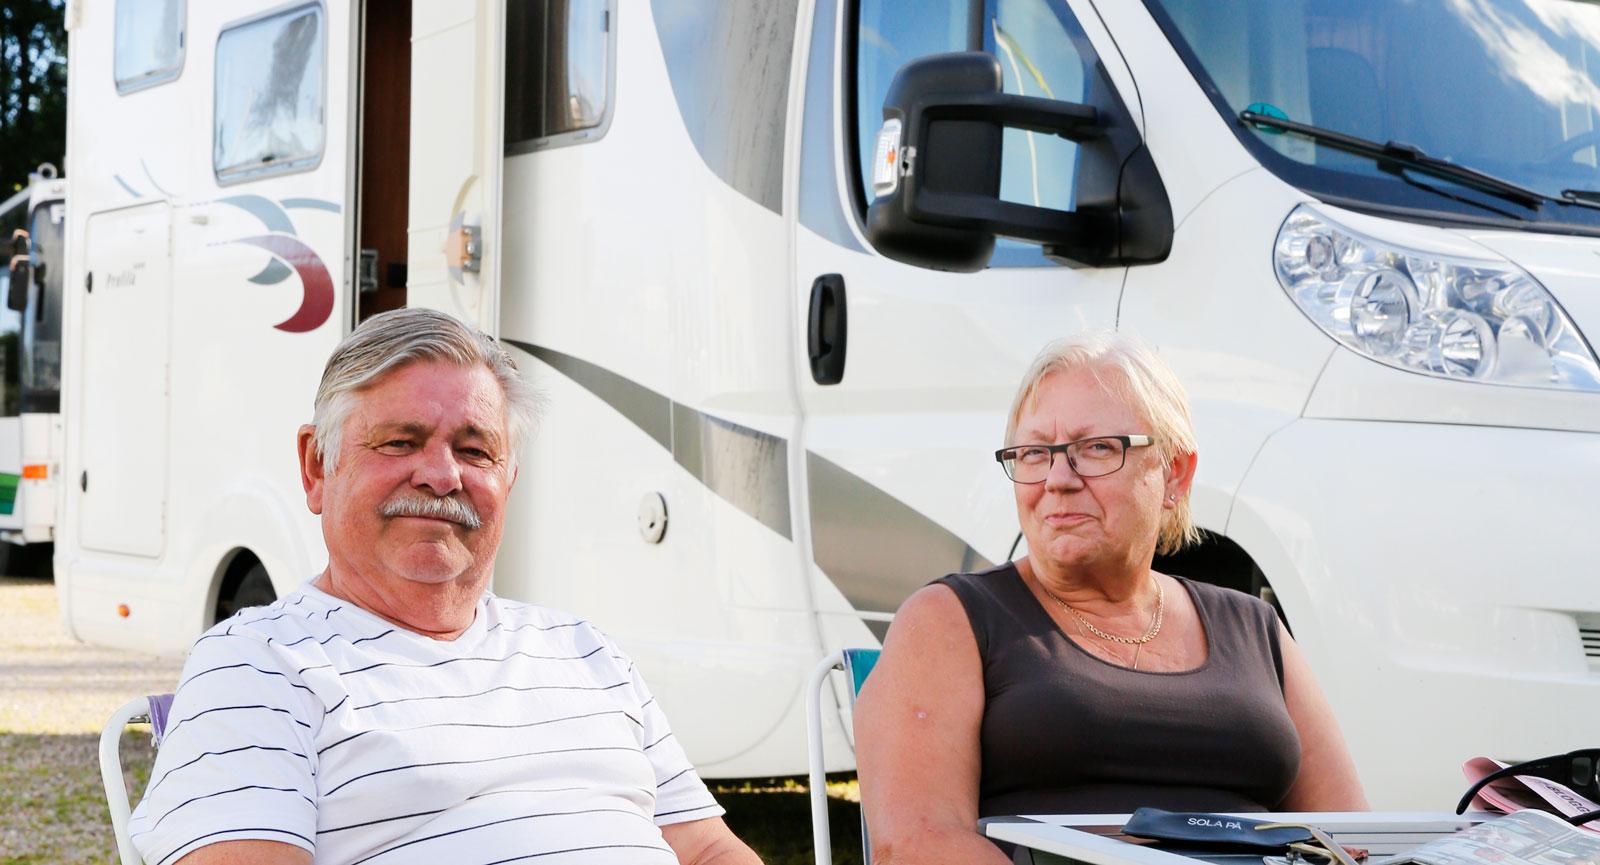 George och Kerstin Ivanov från skånska Löddeköpinge lockades till Dalsland.